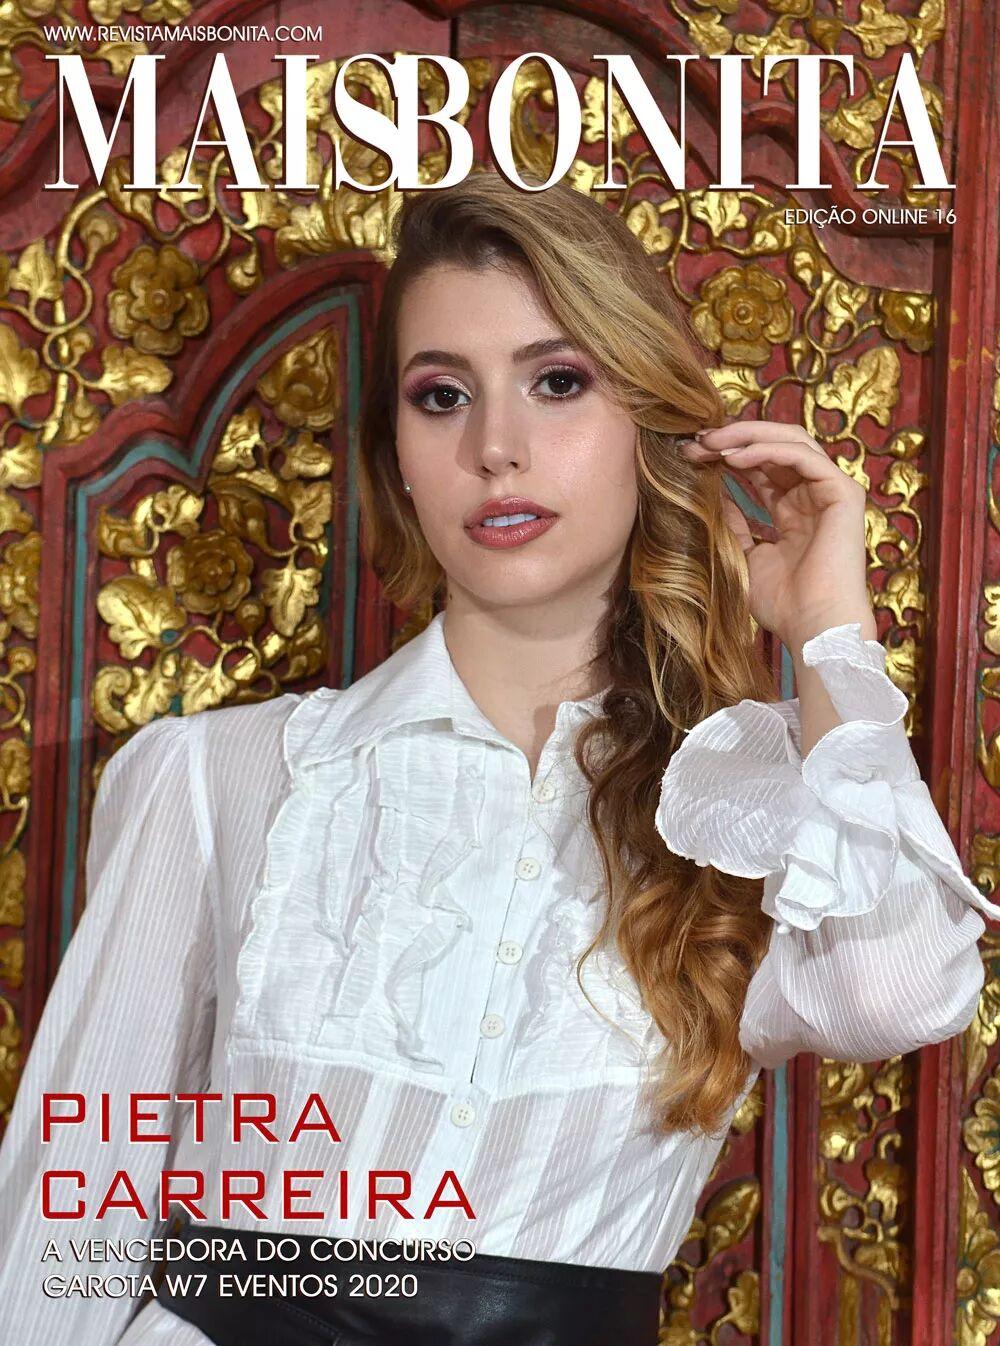 PIETRA CARREIRA